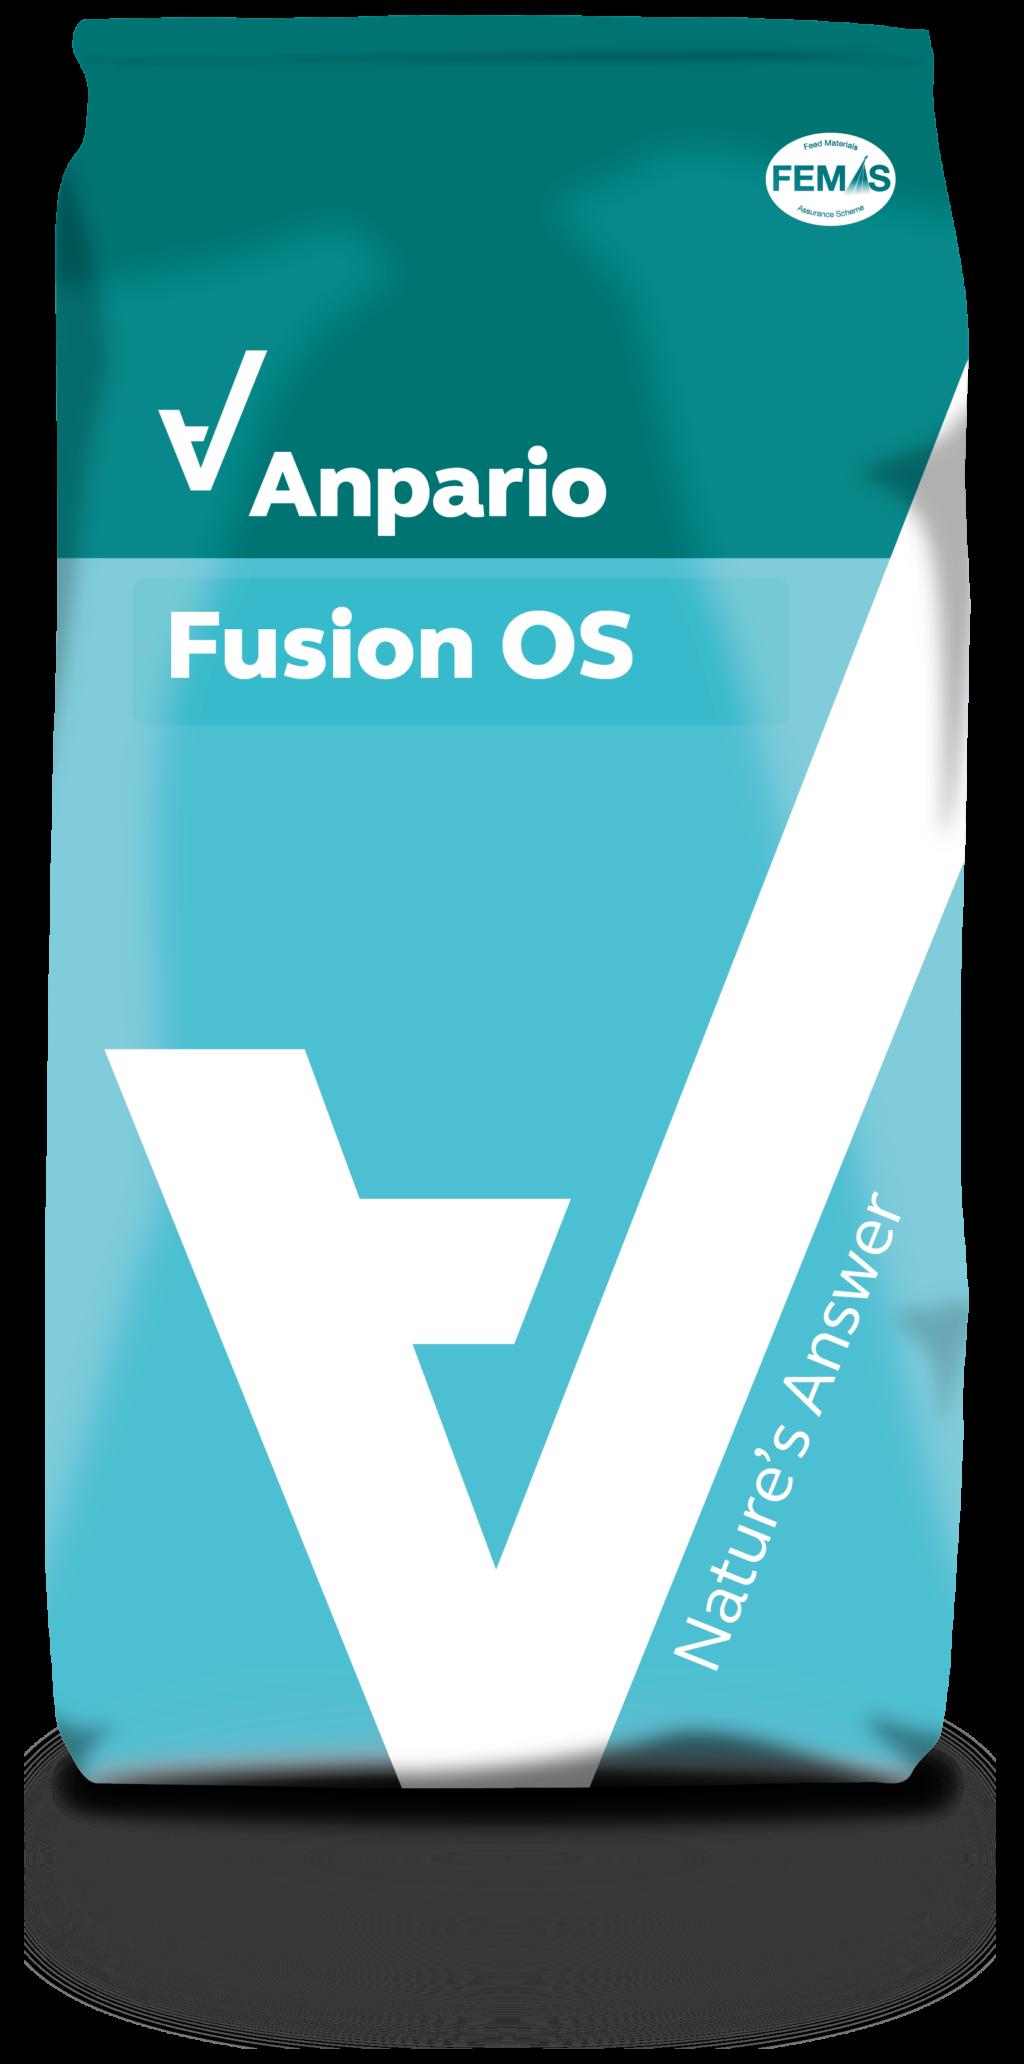 Fusion OS